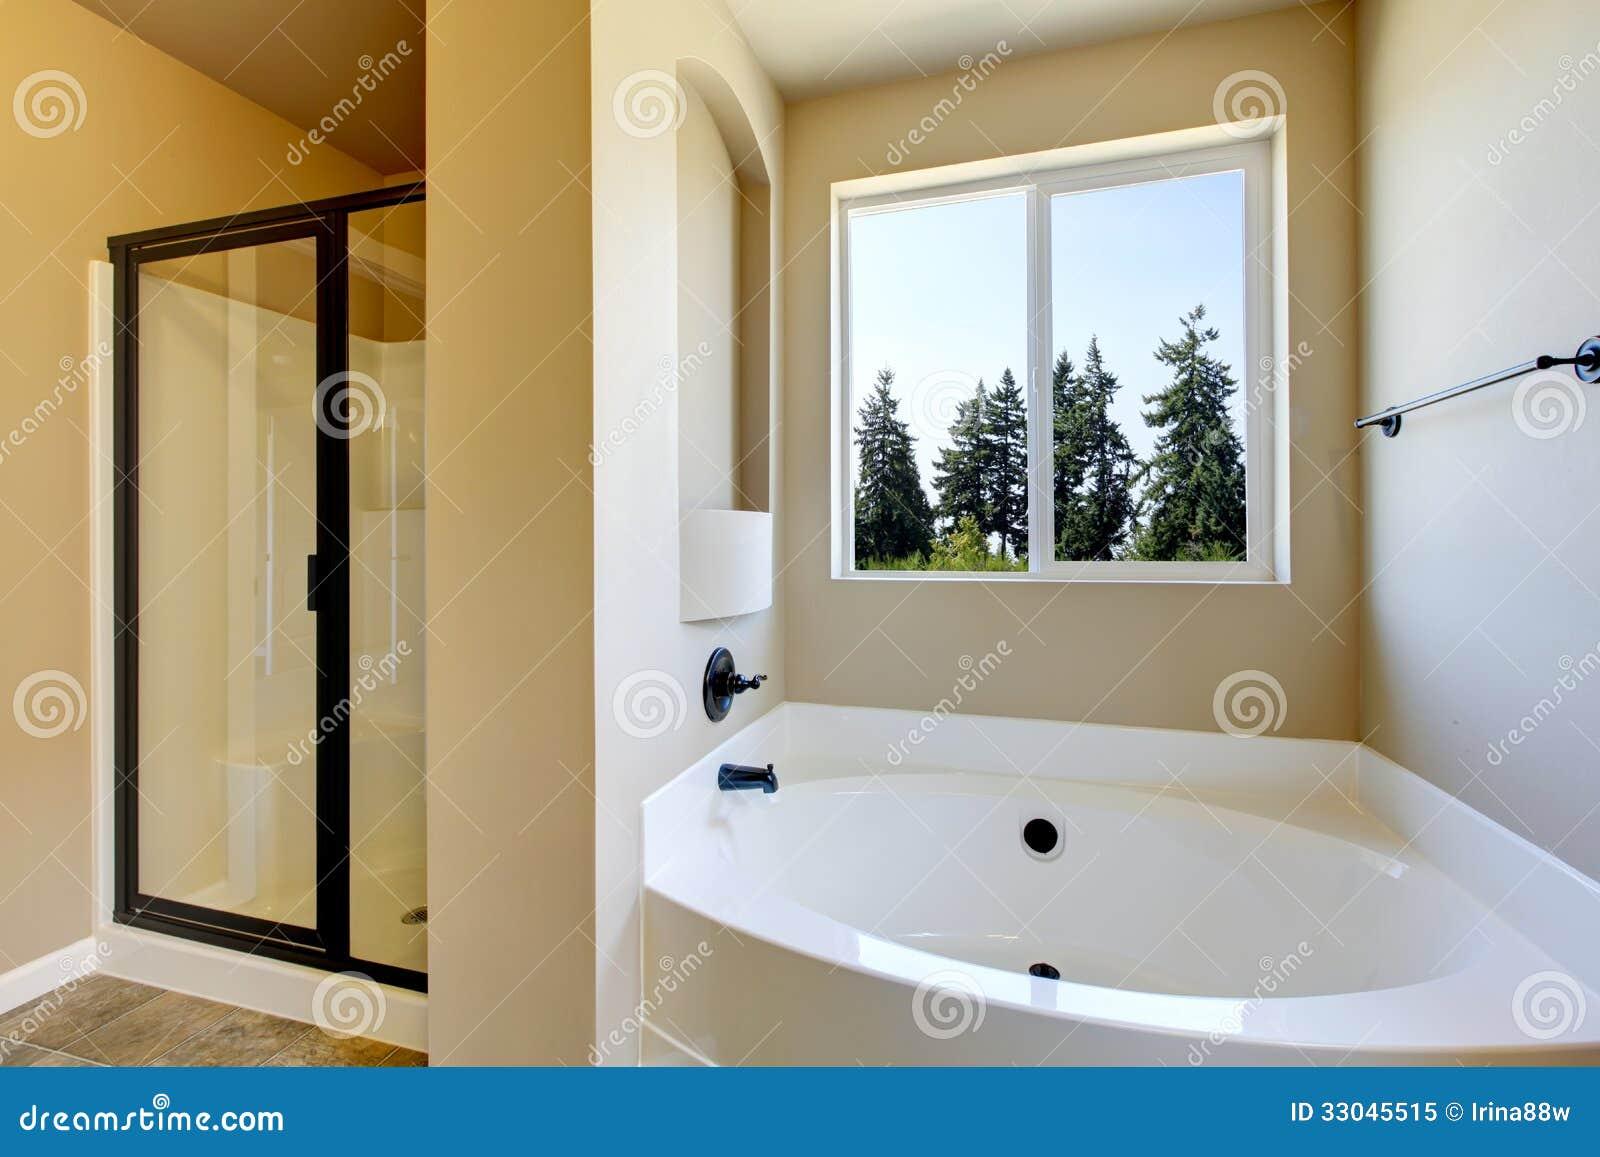 Nuevo cuarto de baño casero con la ducha y el baño.